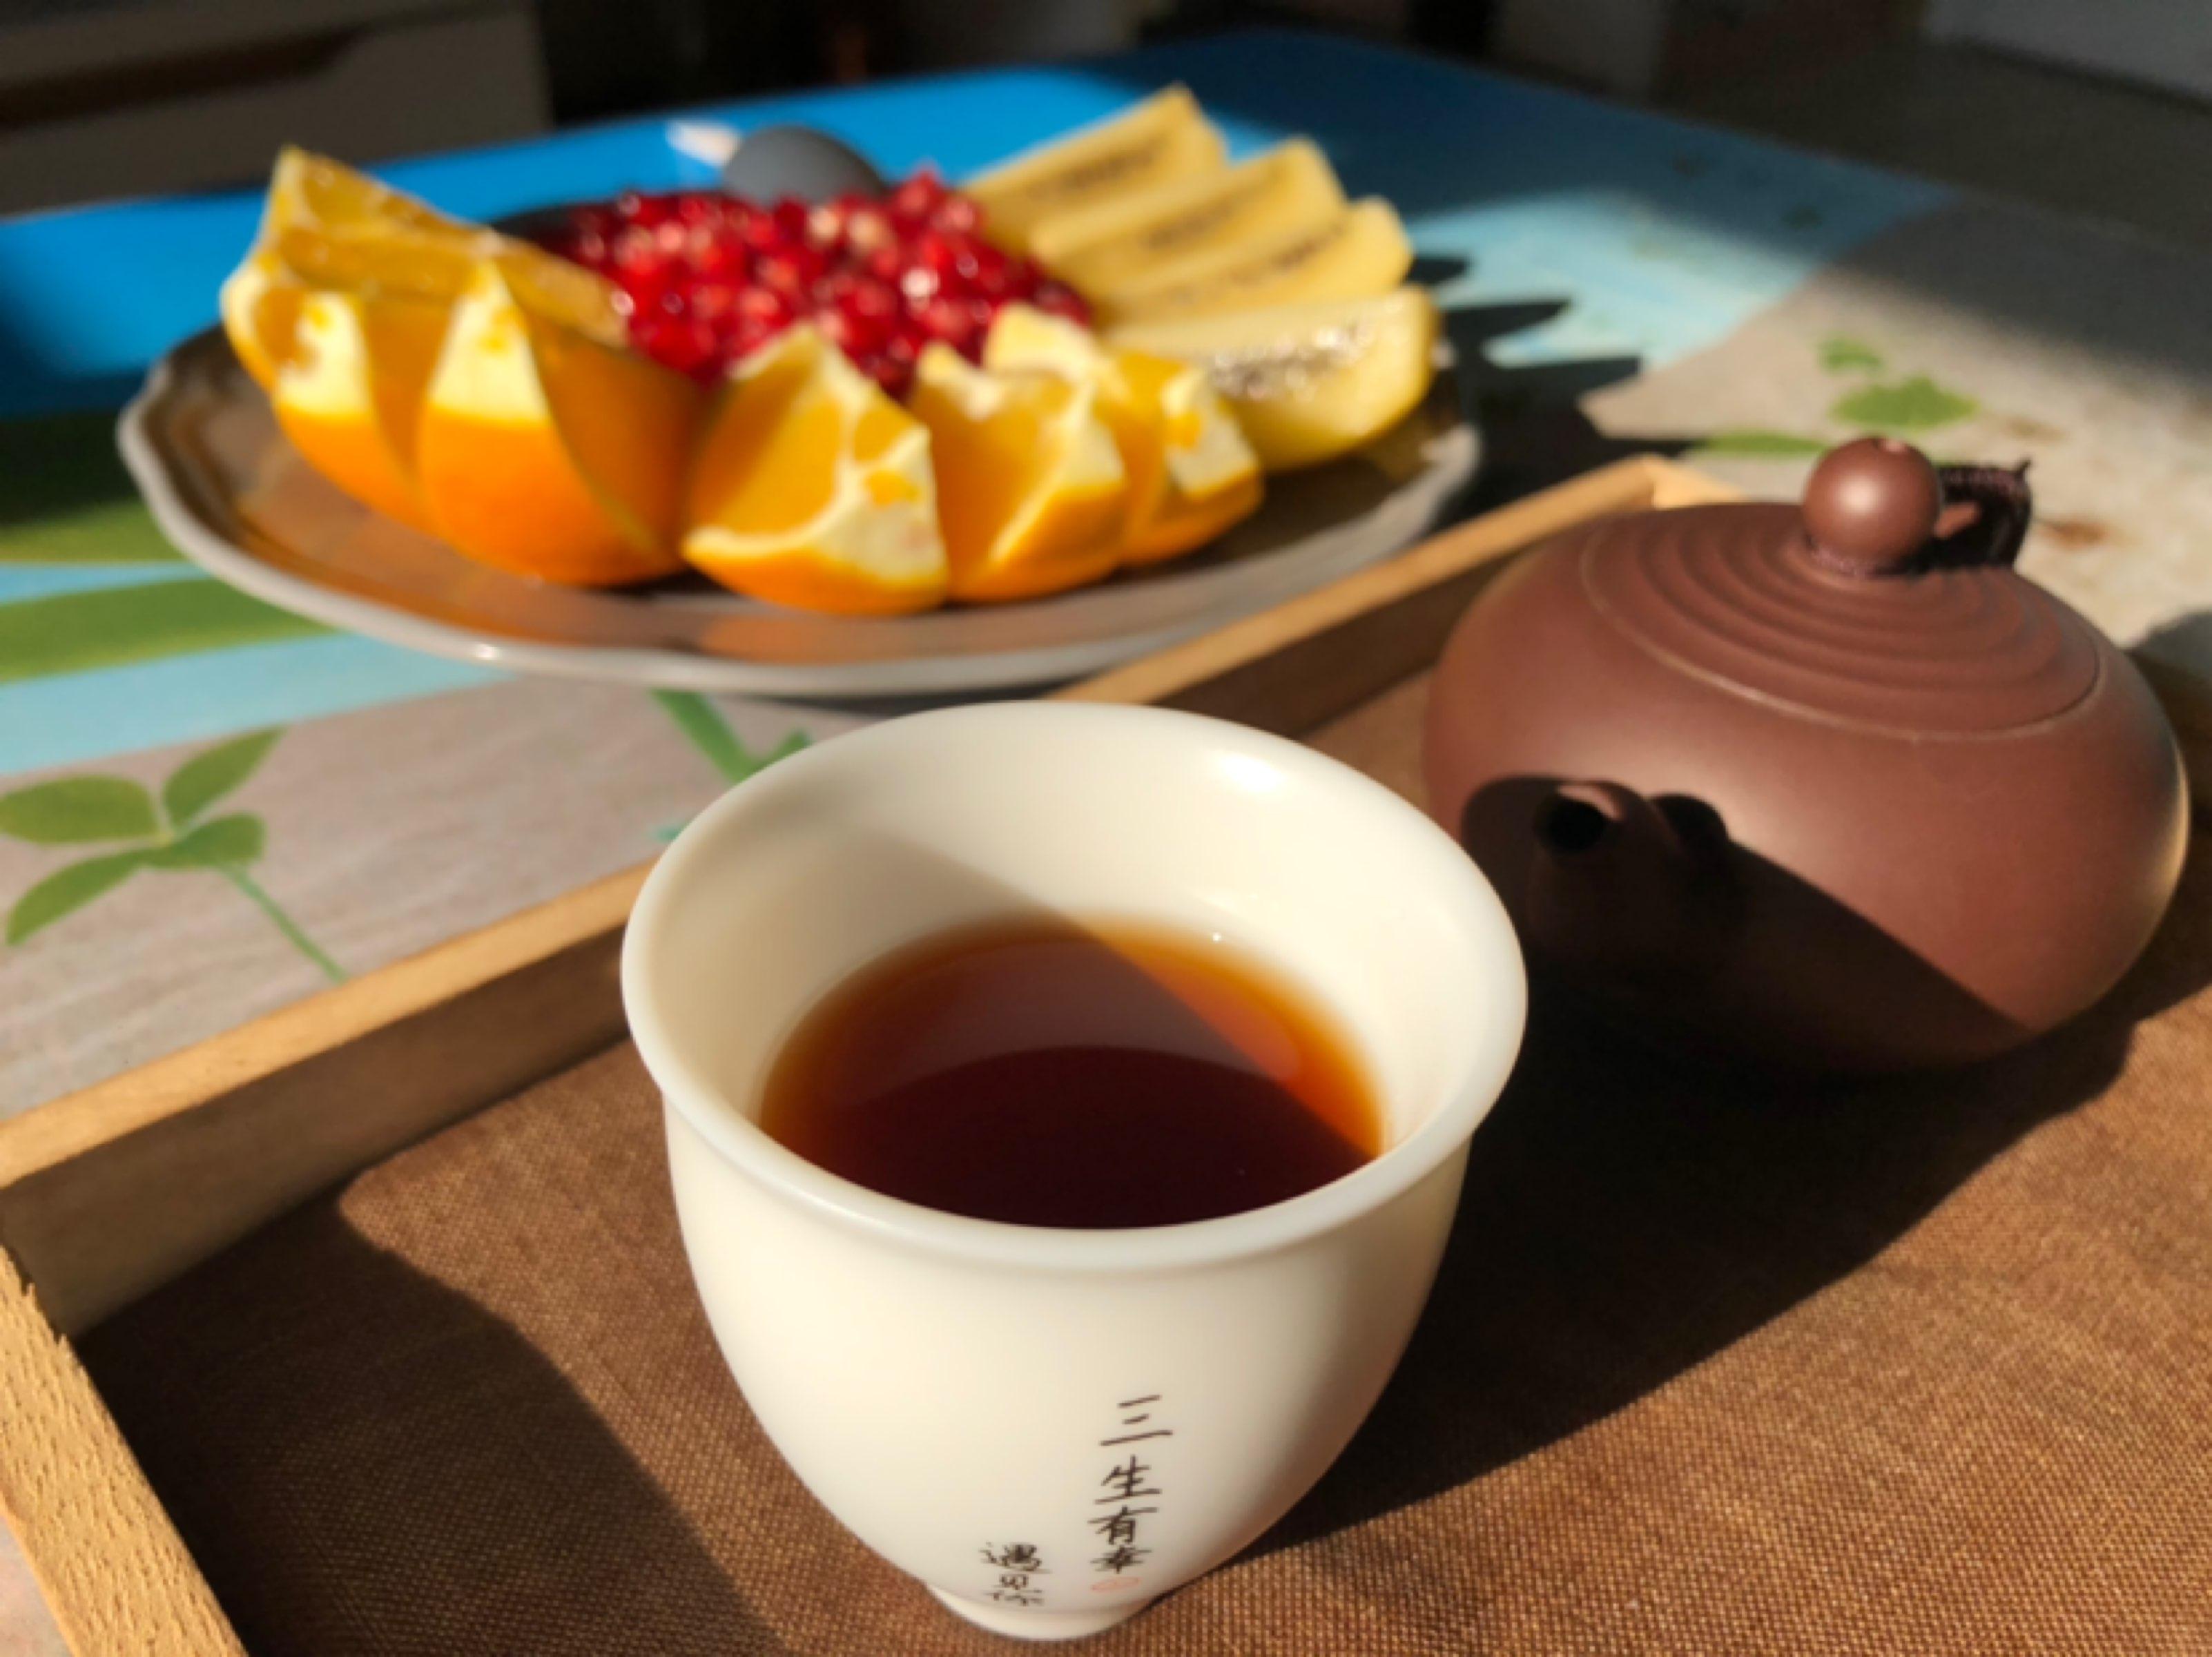 今日份的茶